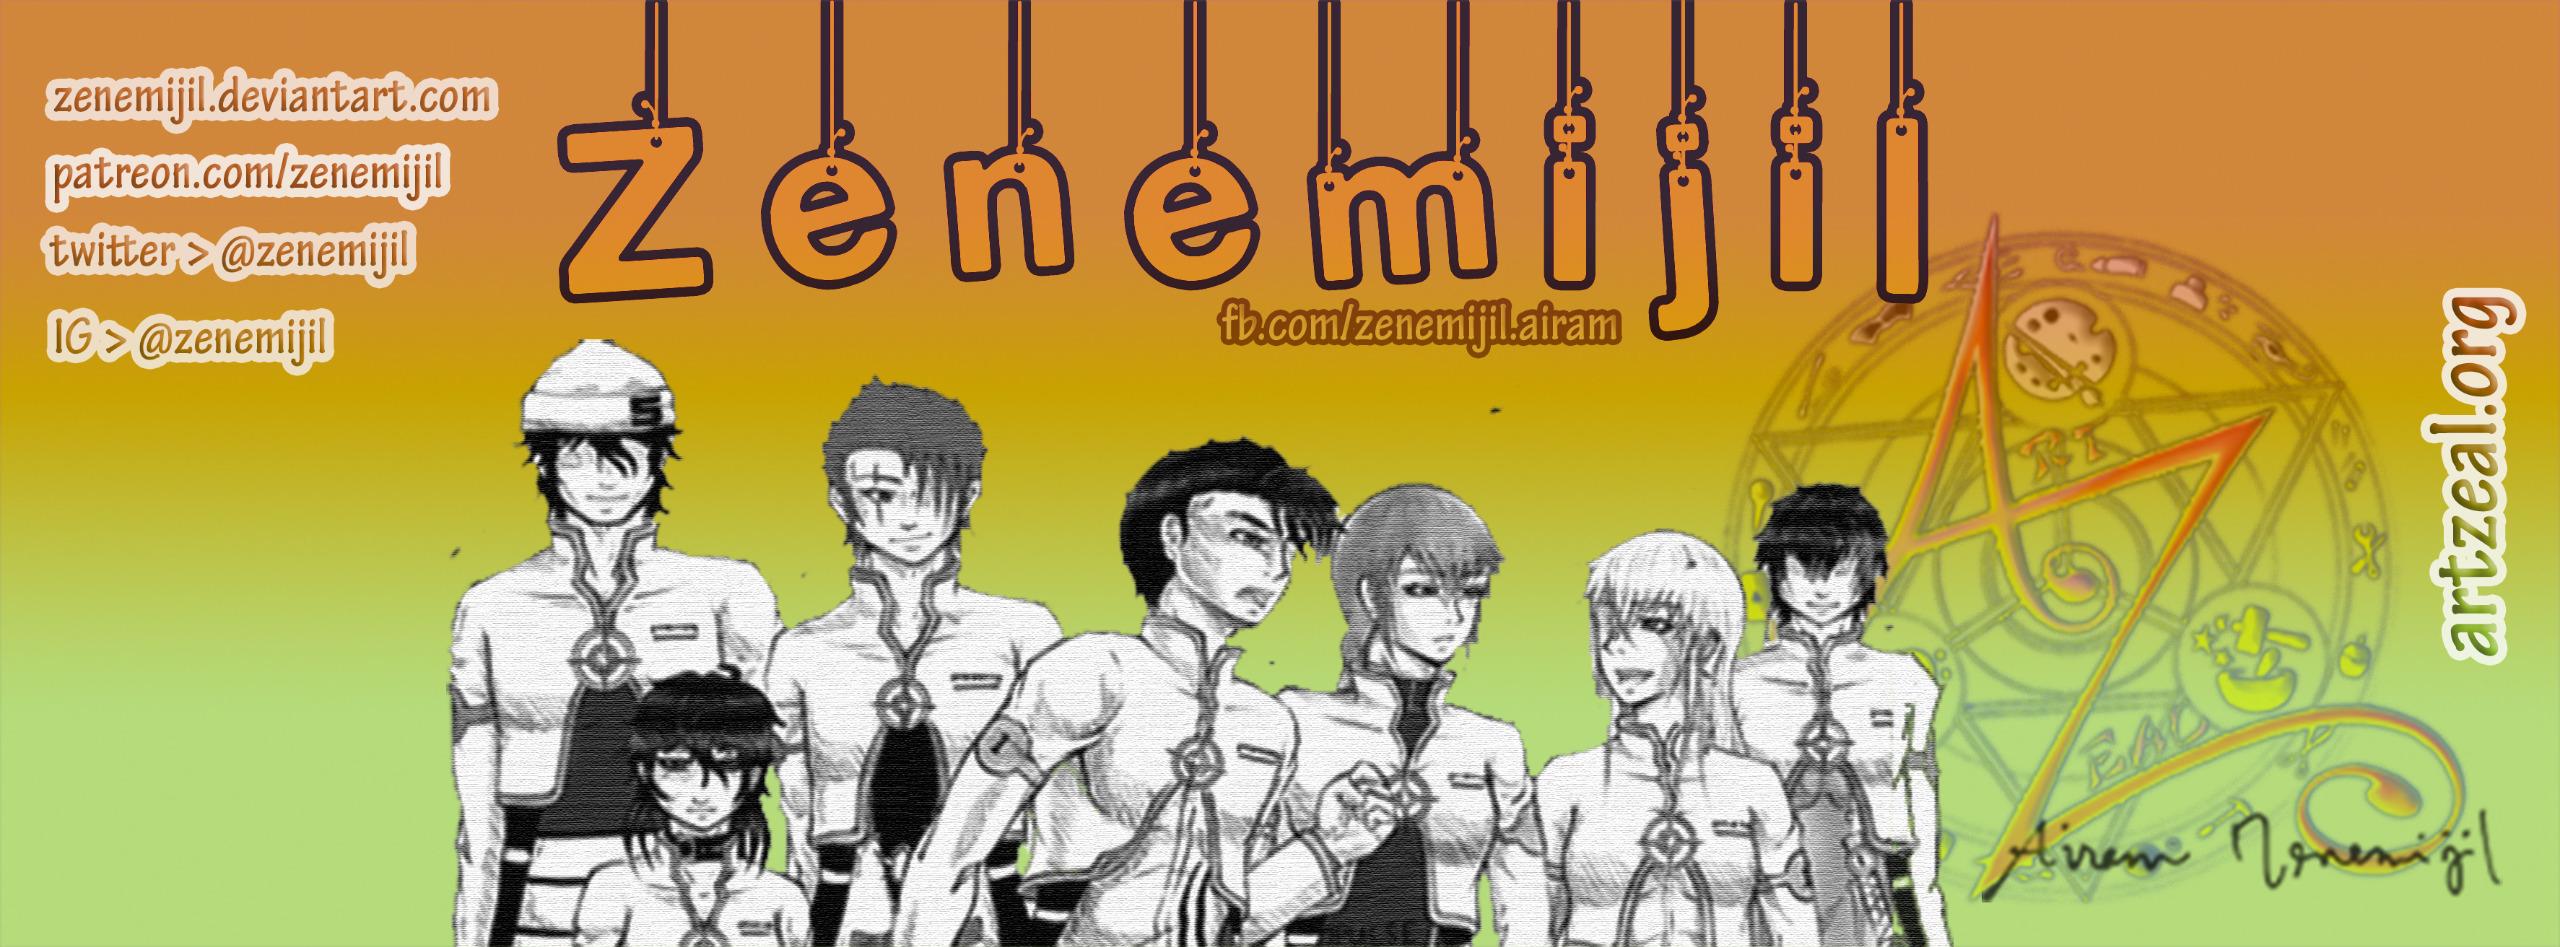 Airam Zenemijil (@zenemijil) Cover Image